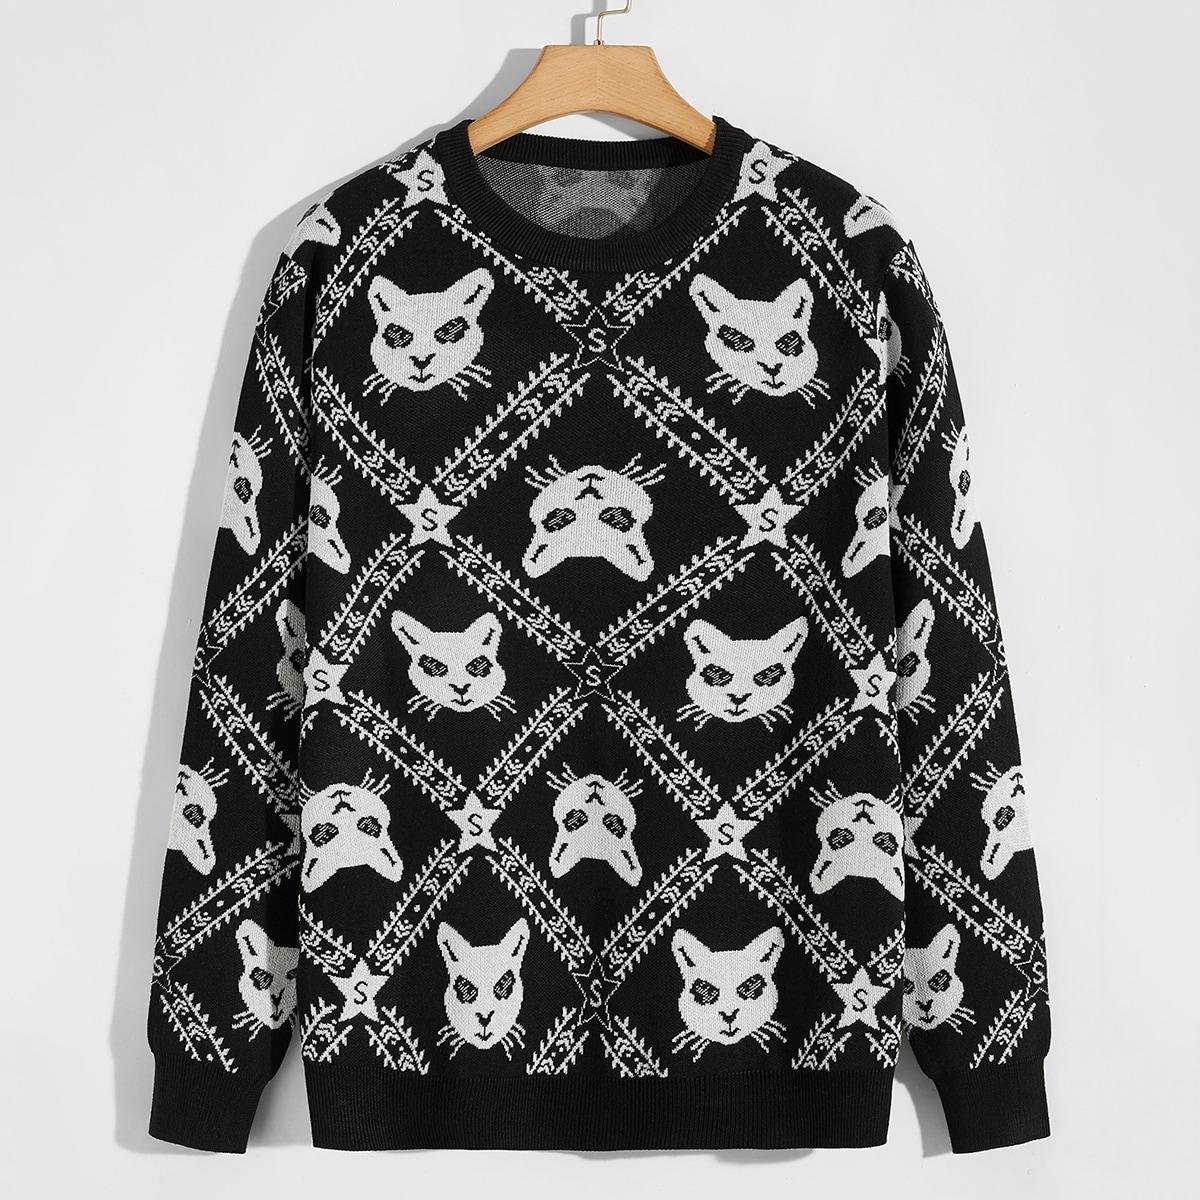 Мужской свитер с котом и геометрическим узором